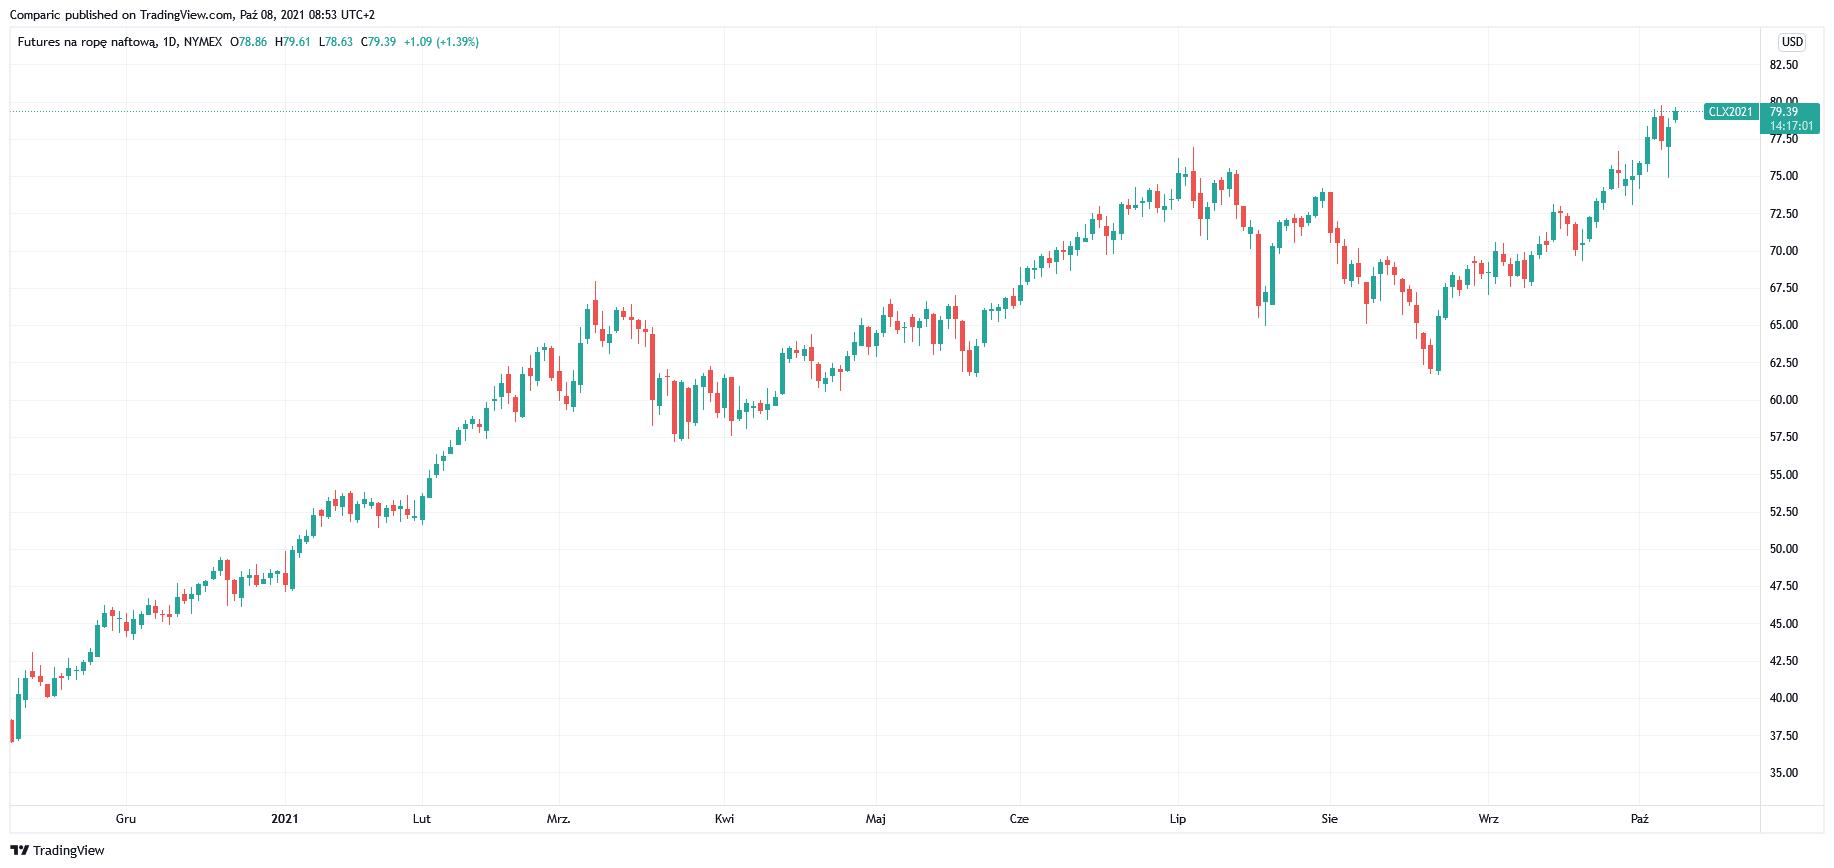 Cena ropy WTI ponownie blisko 80 dol./bbl. Gaz ziemny znów w górę